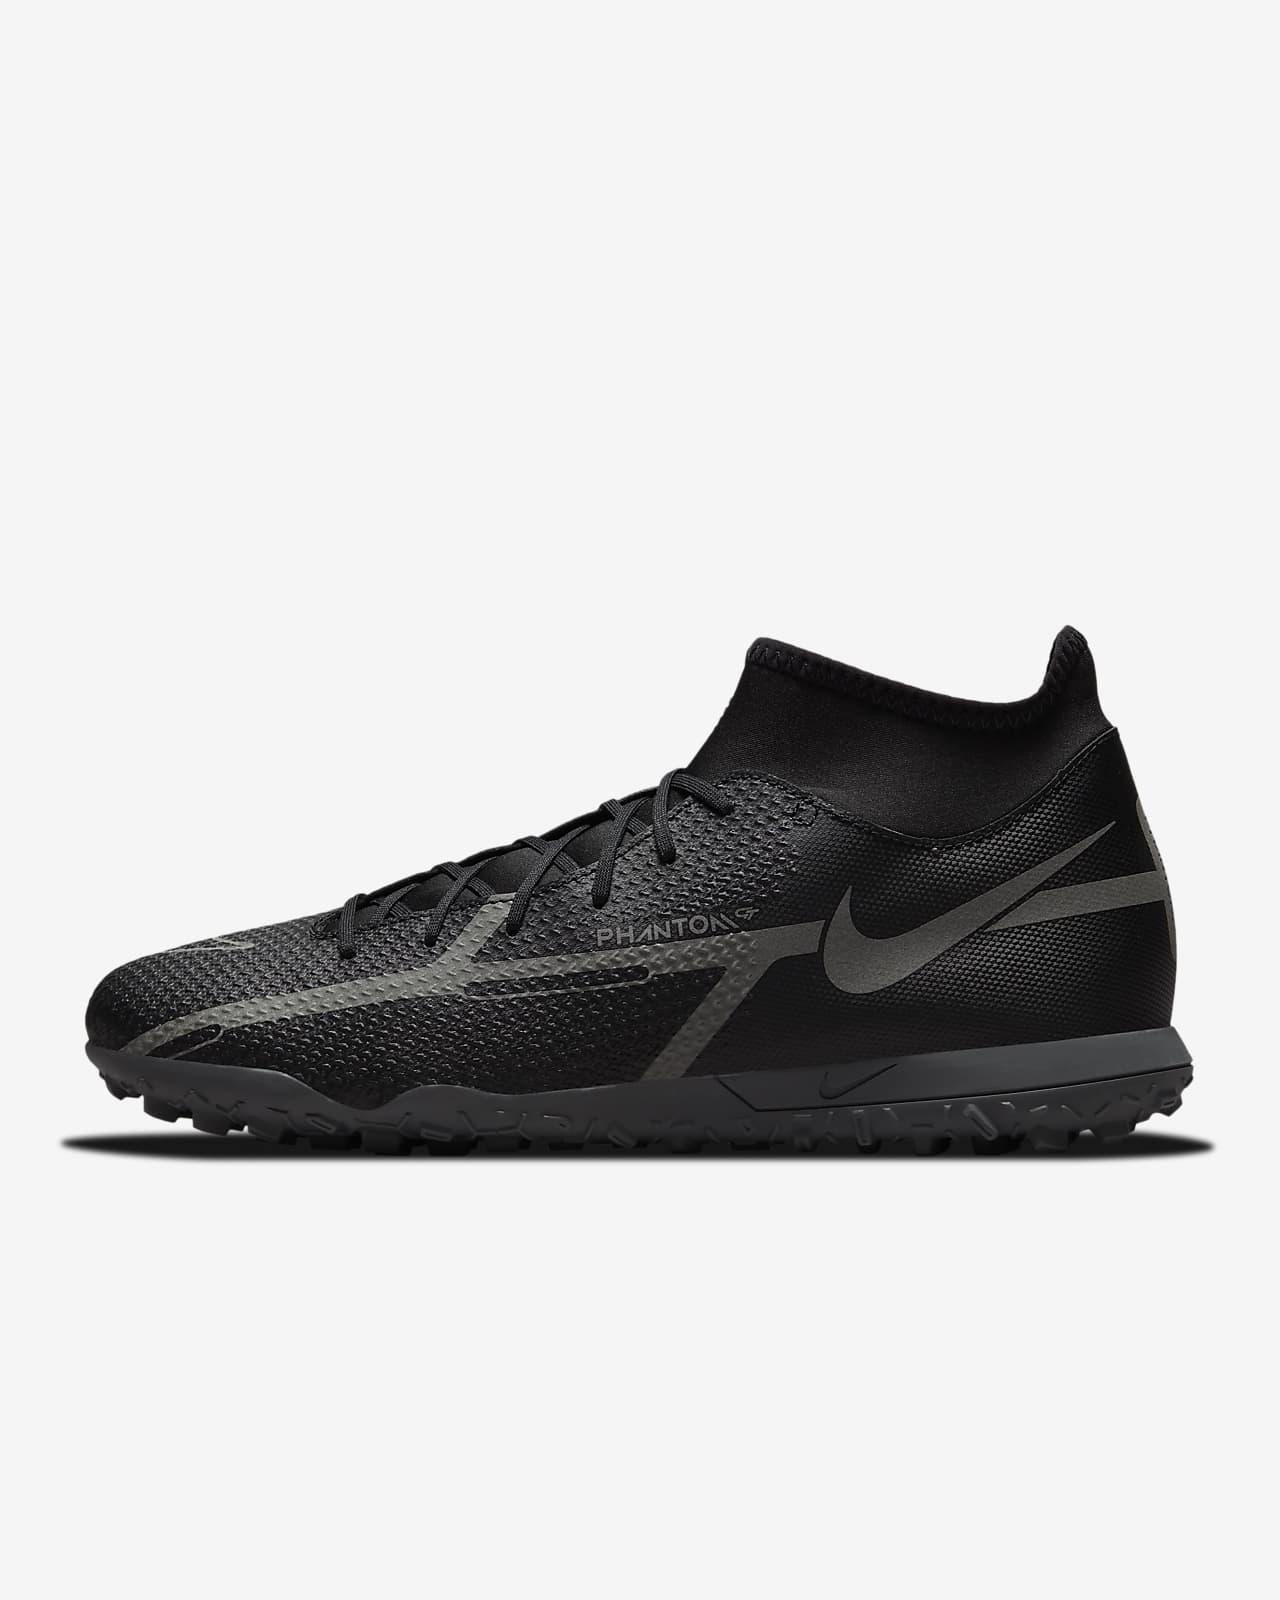 Nike Phantom GT2 Club Dynamic Fit TF Turf Football Shoe